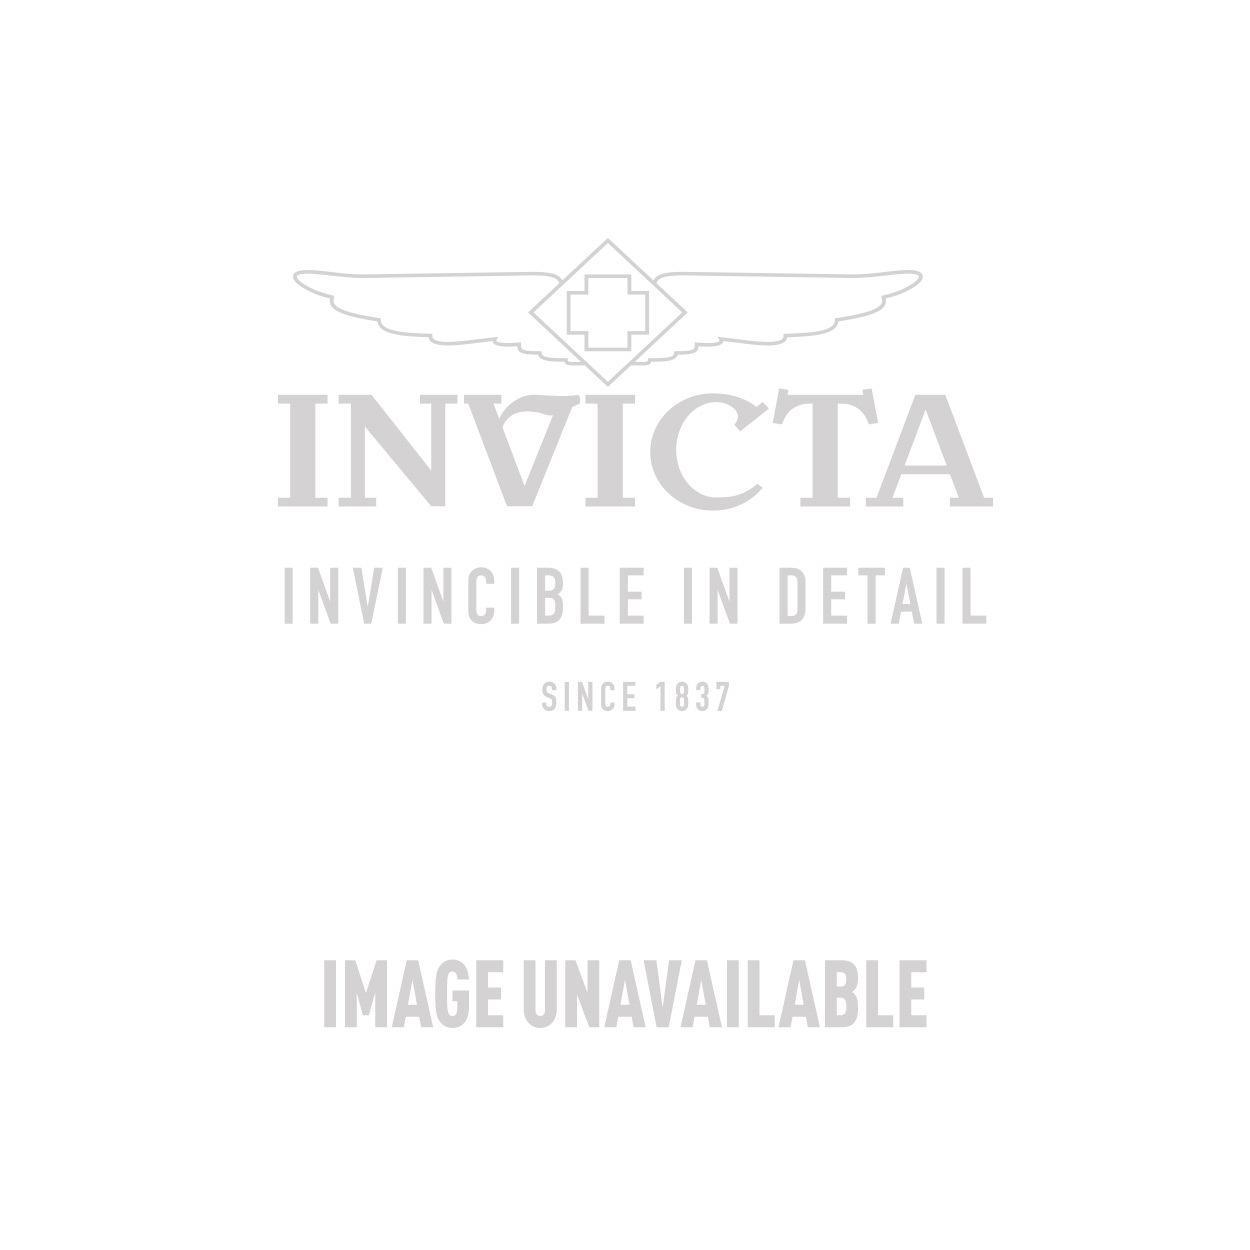 Invicta Model  SC0400